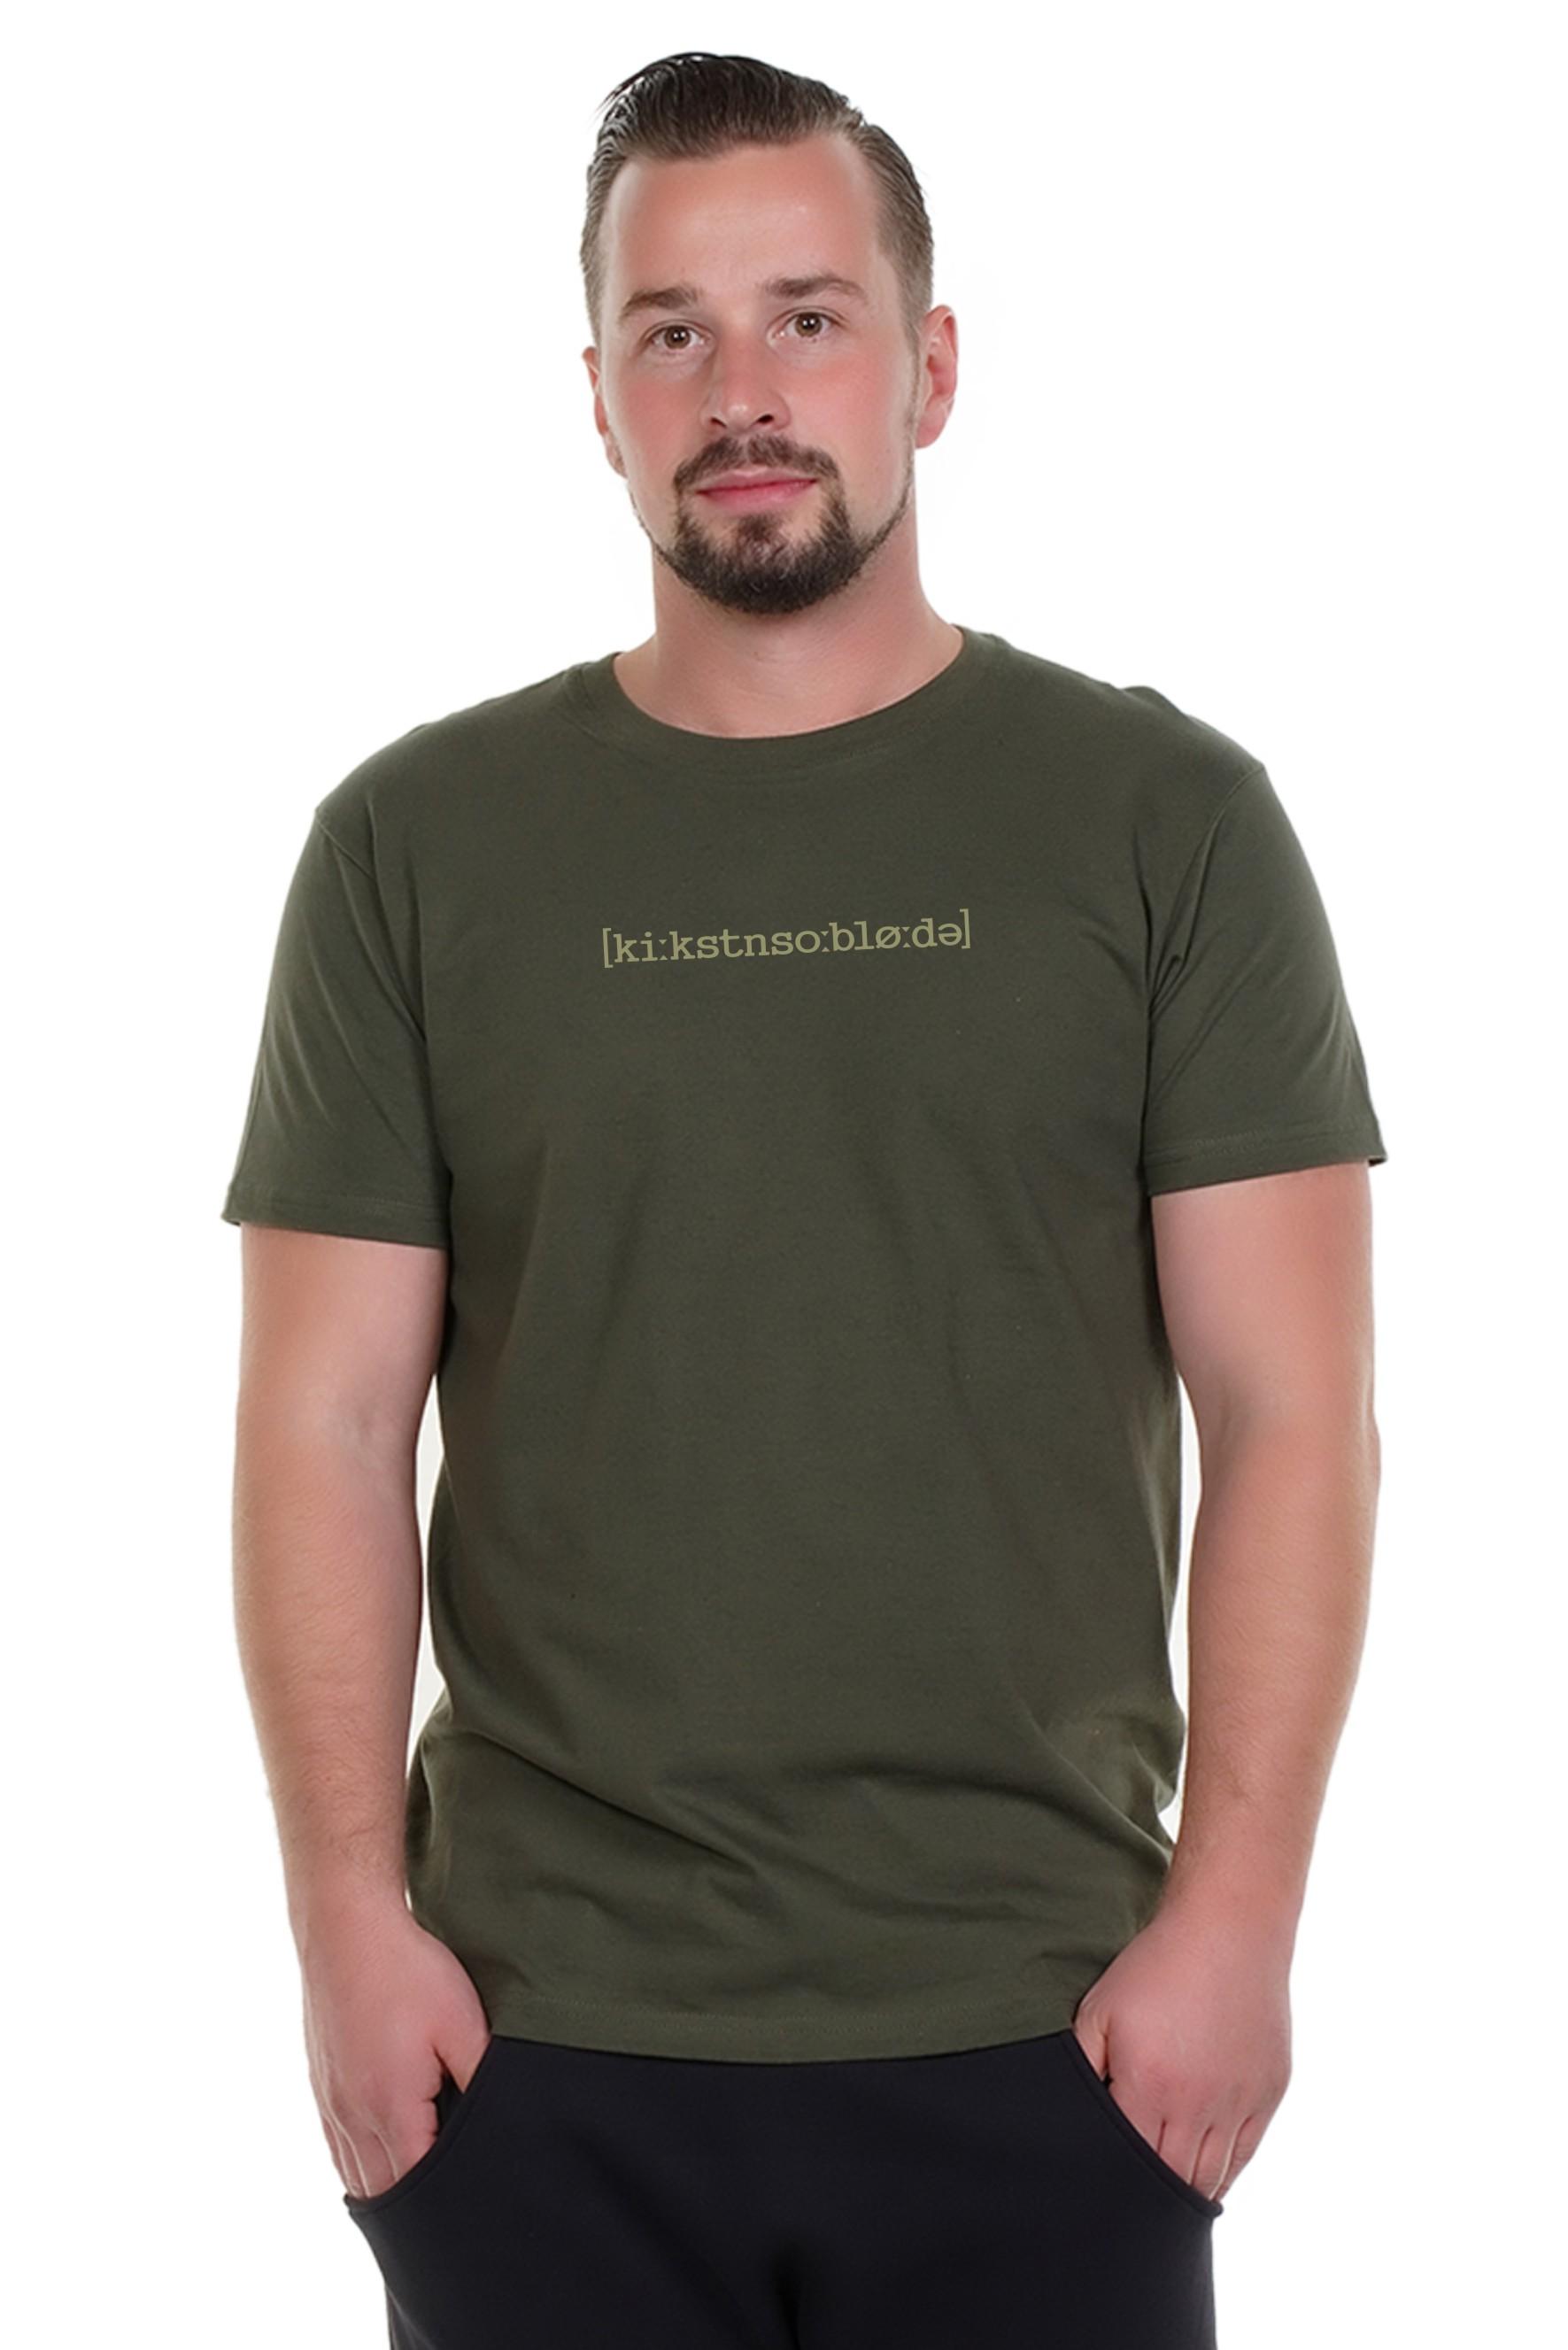 Spree Shirt Männer oliv Kickstn so blöde